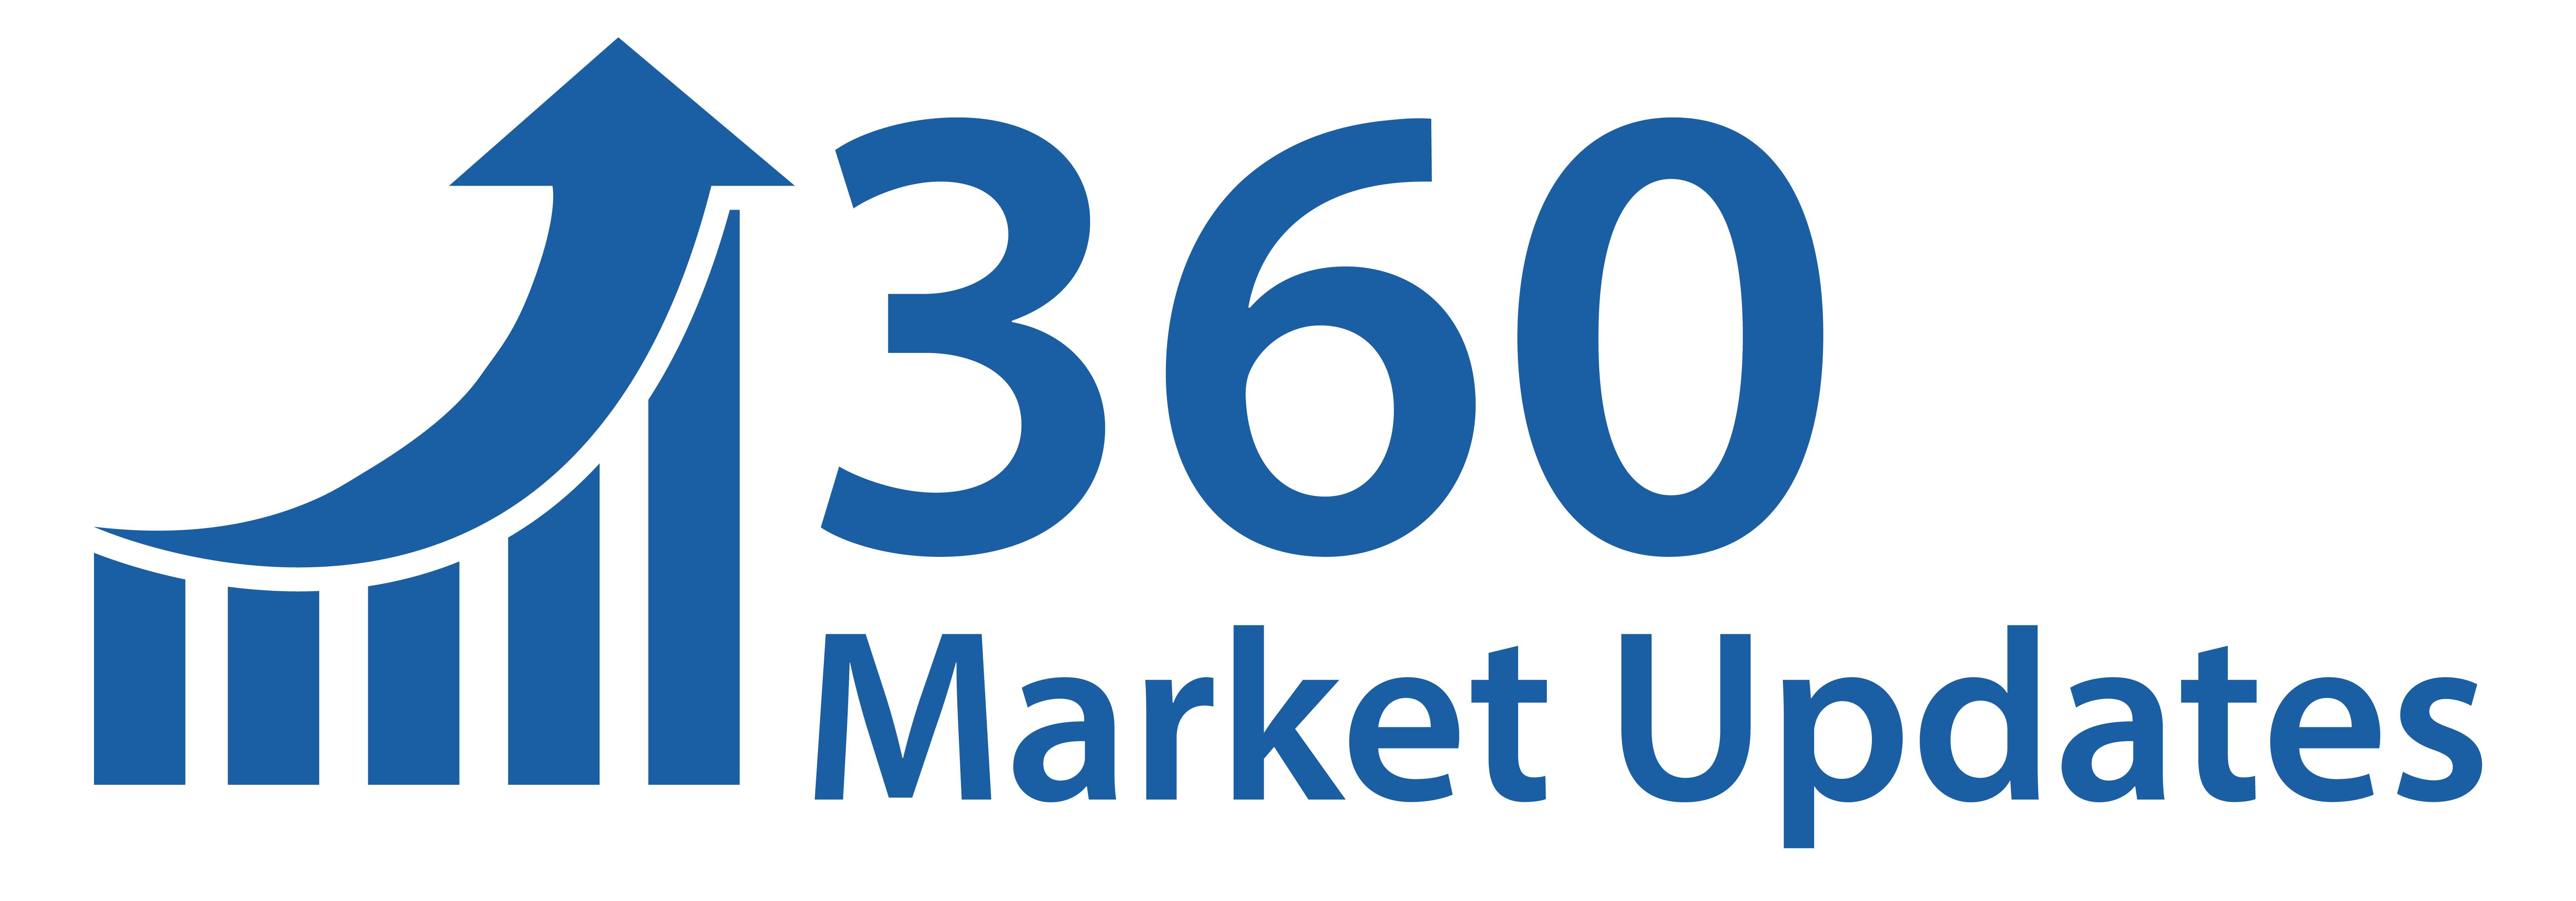 Save Grain Bags Market 2020 Global Leading Players, Branchen-Updates, zukünftiges Wachstum, Geschäftsaussichten, zukünftige Entwicklungen und zukünftige Investitionen bis 2025